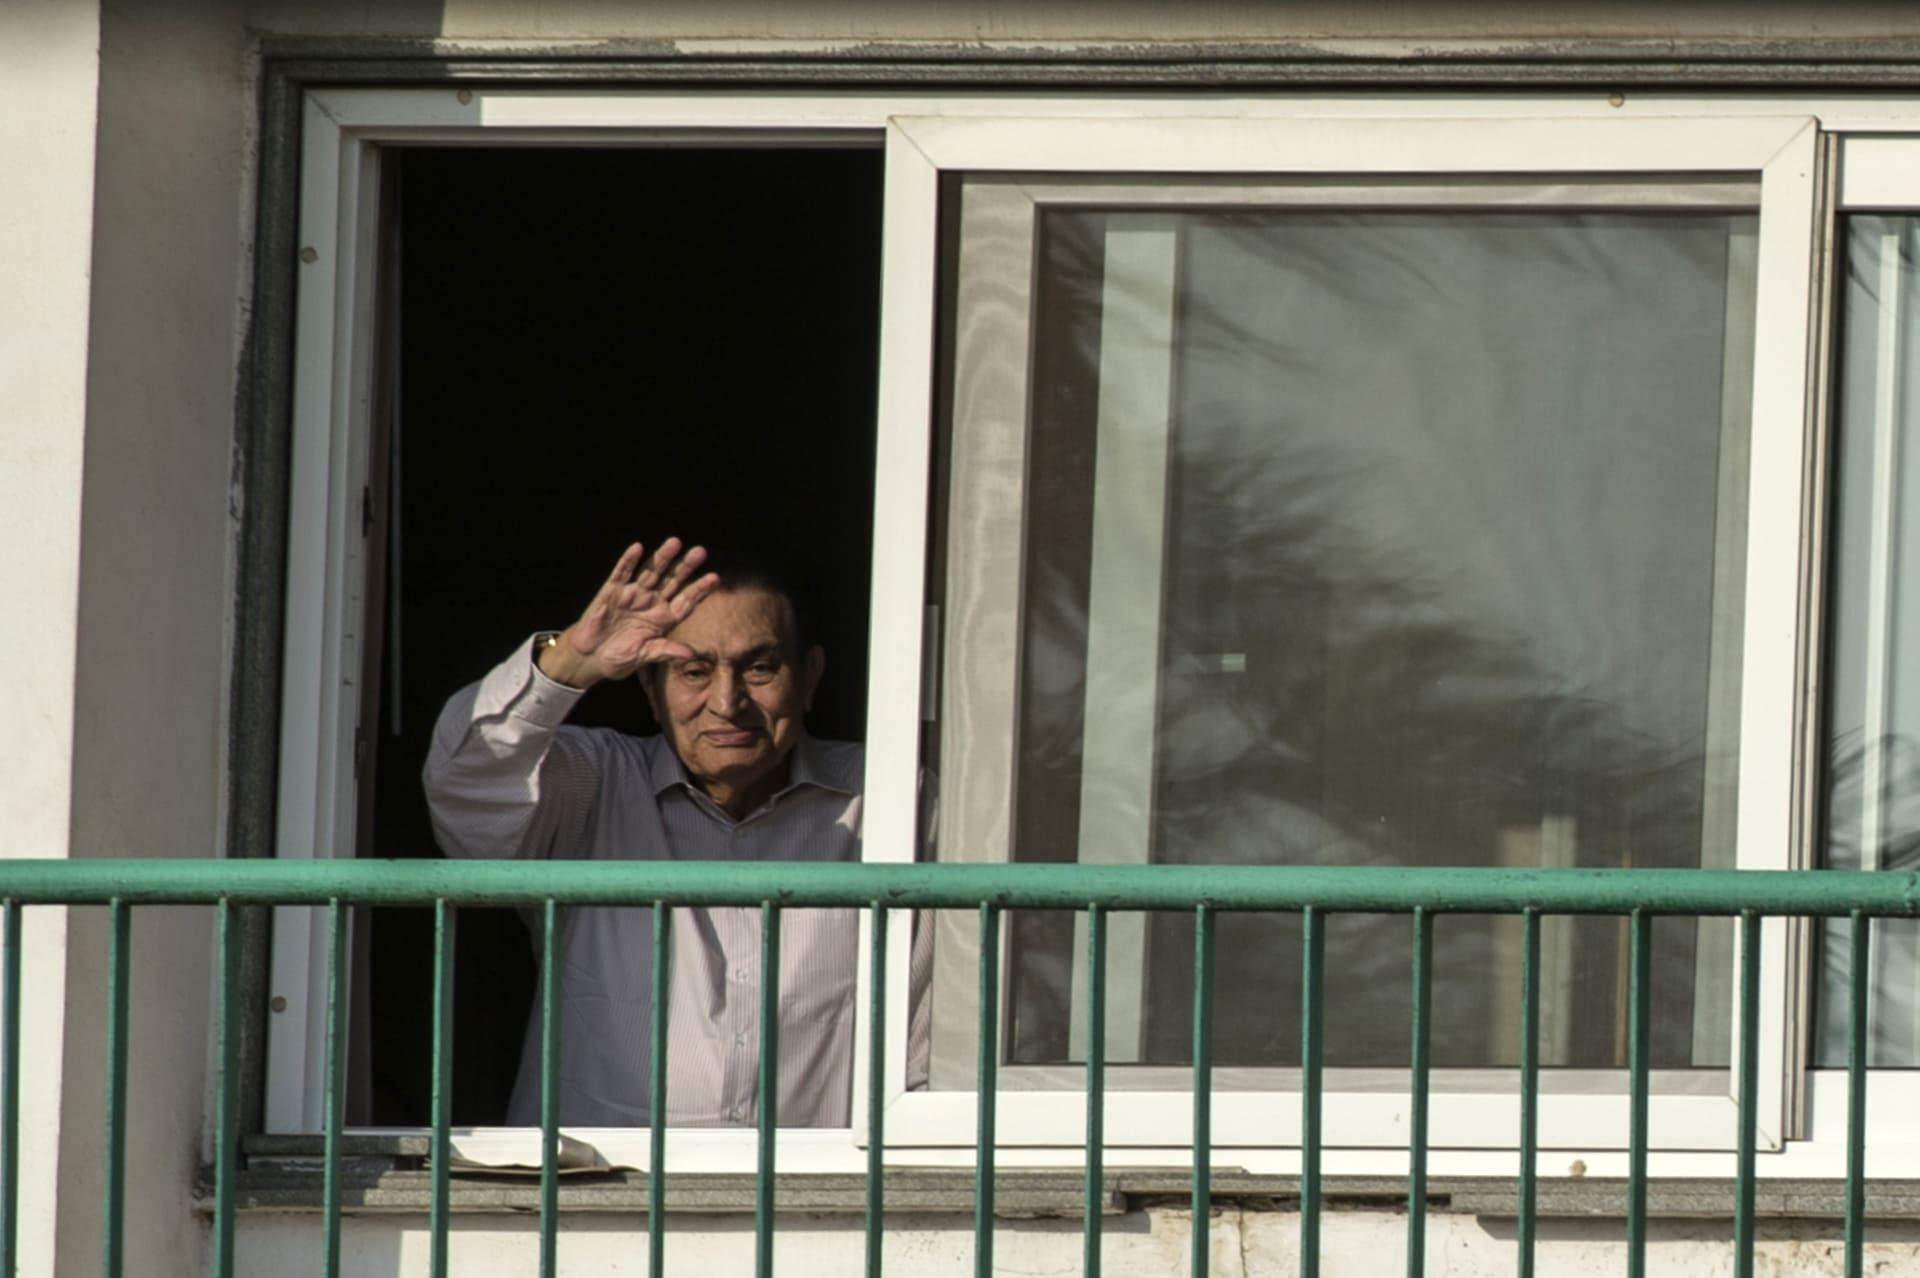 الرئيس المصري الأسبق حسني مبارك يلوح لمؤيديه من غرفته في مستفى المعادي العسكري بالقاهرة